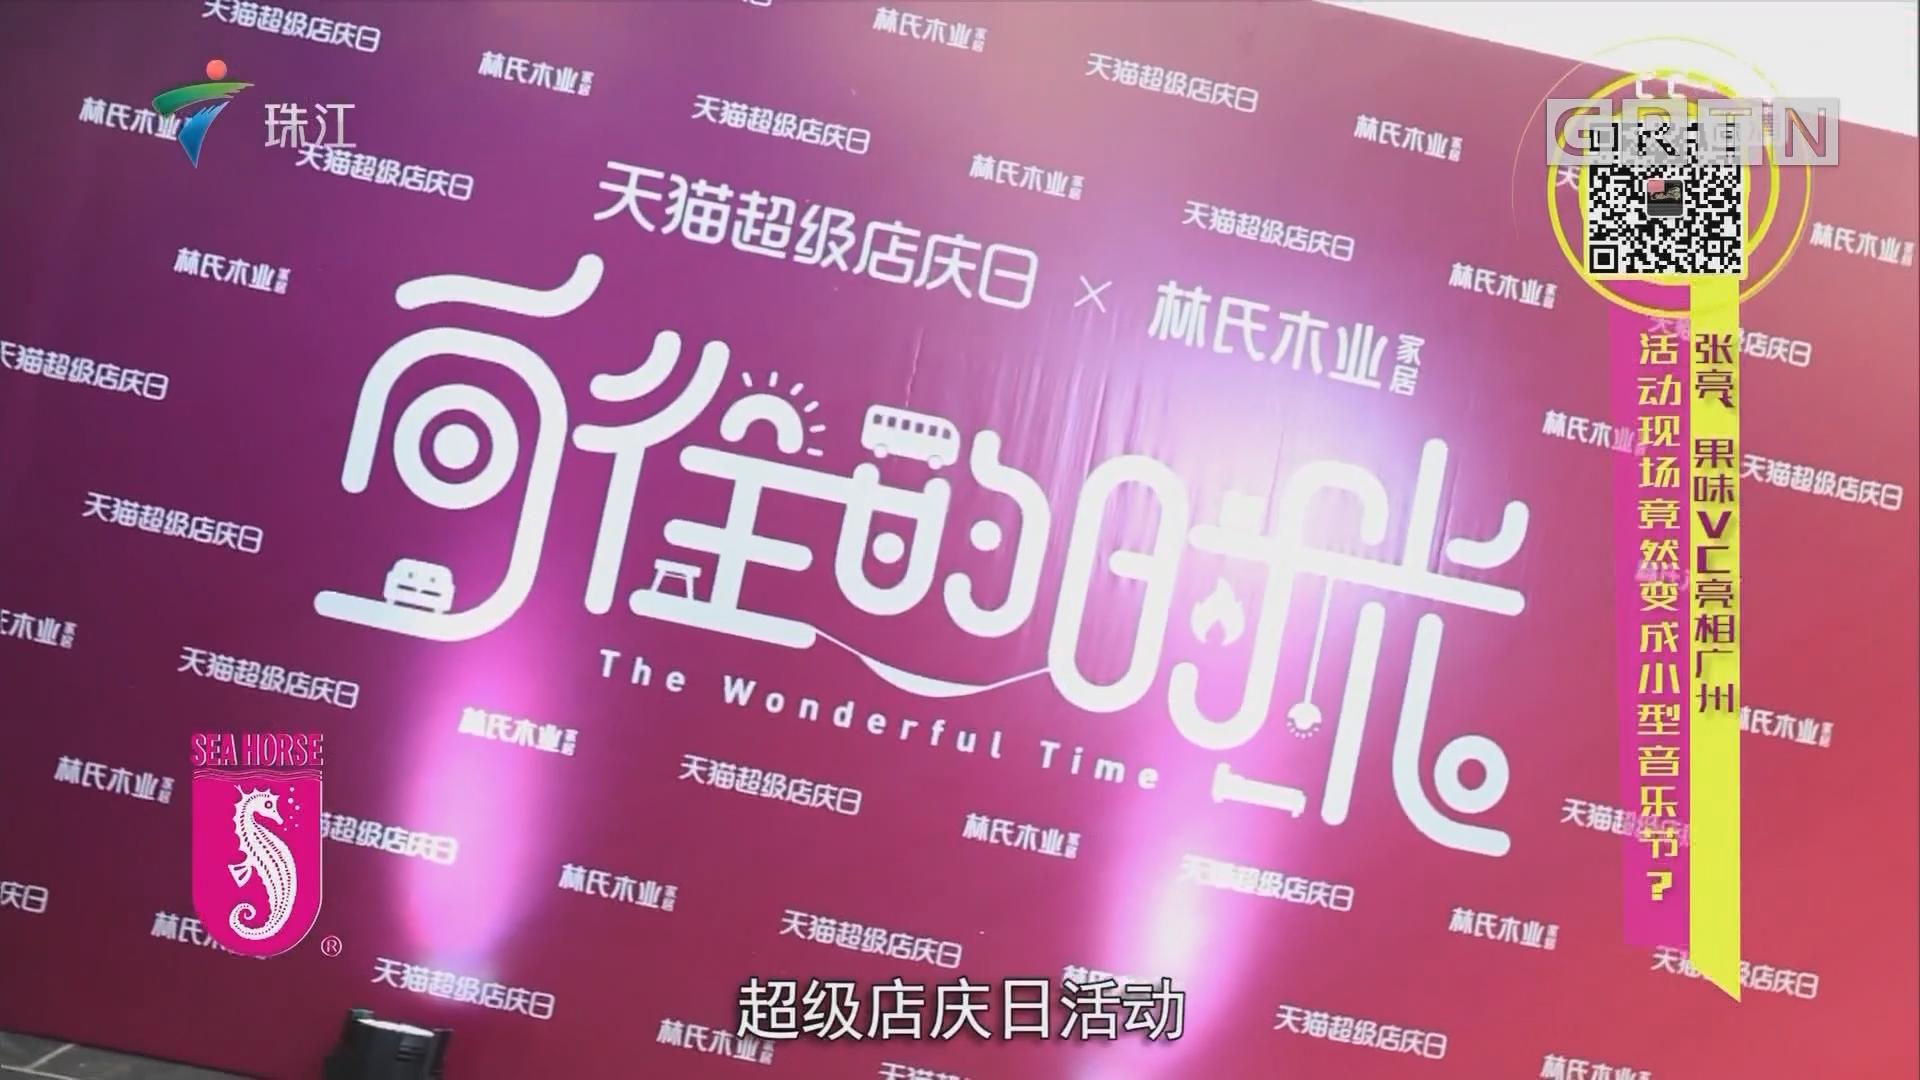 张亮、果味VC亮相广州 活动现场竟然变成小型音乐节?